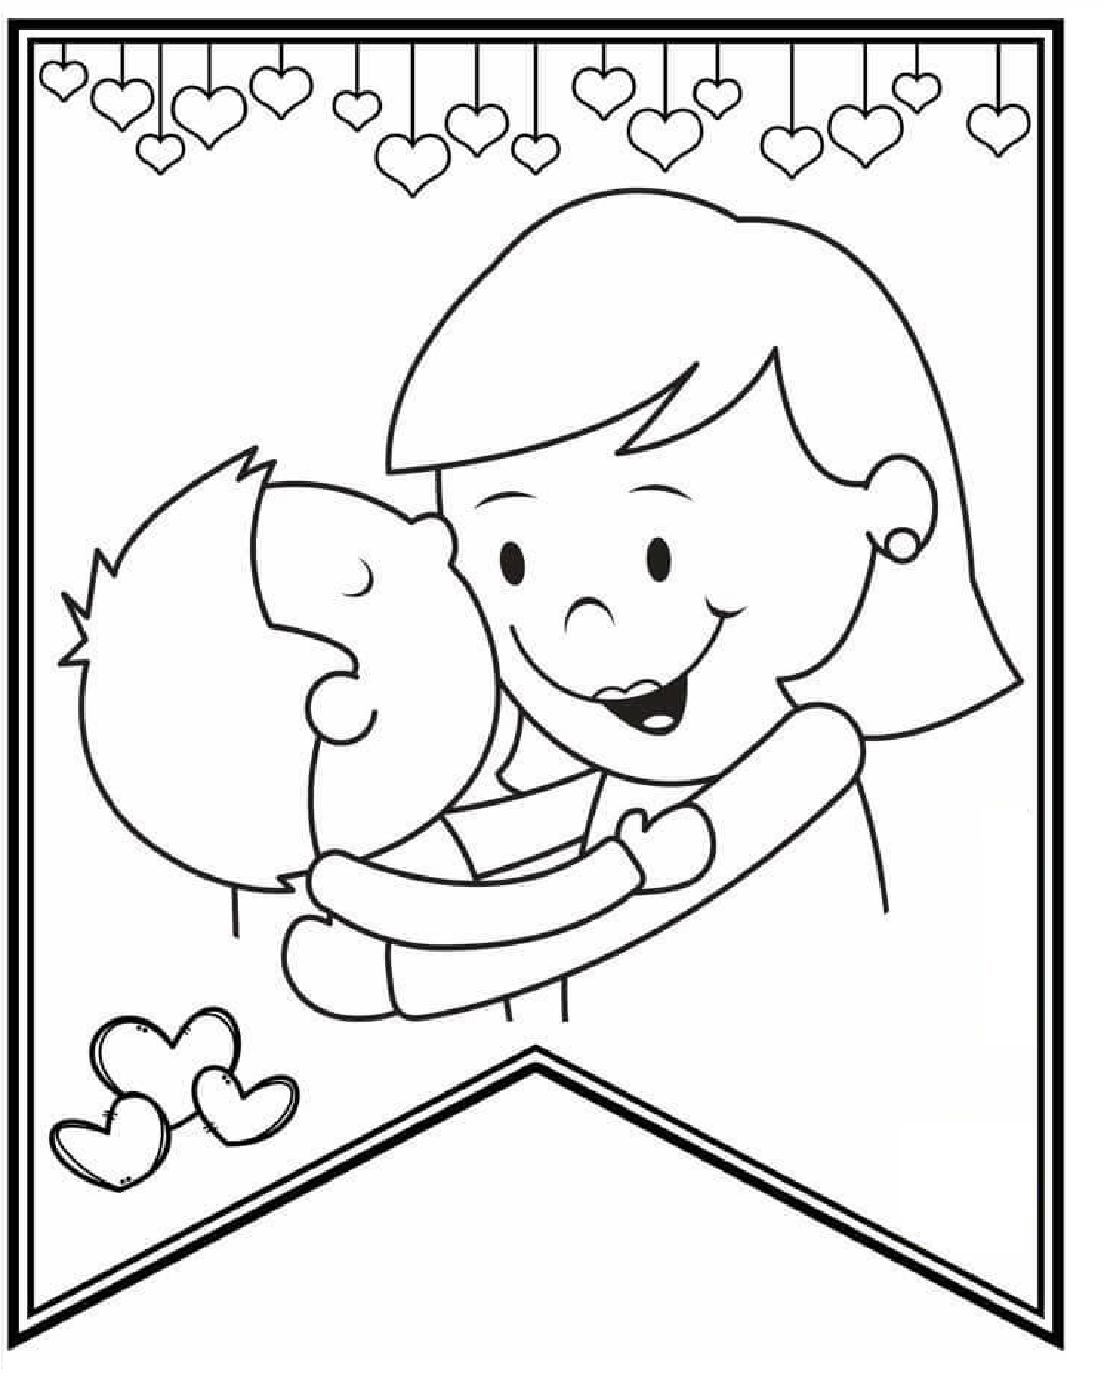 Tu Tarea San Valentin Dibujos Del Dia De Las Madres Dia De San Valentin Paginas Para Colorear